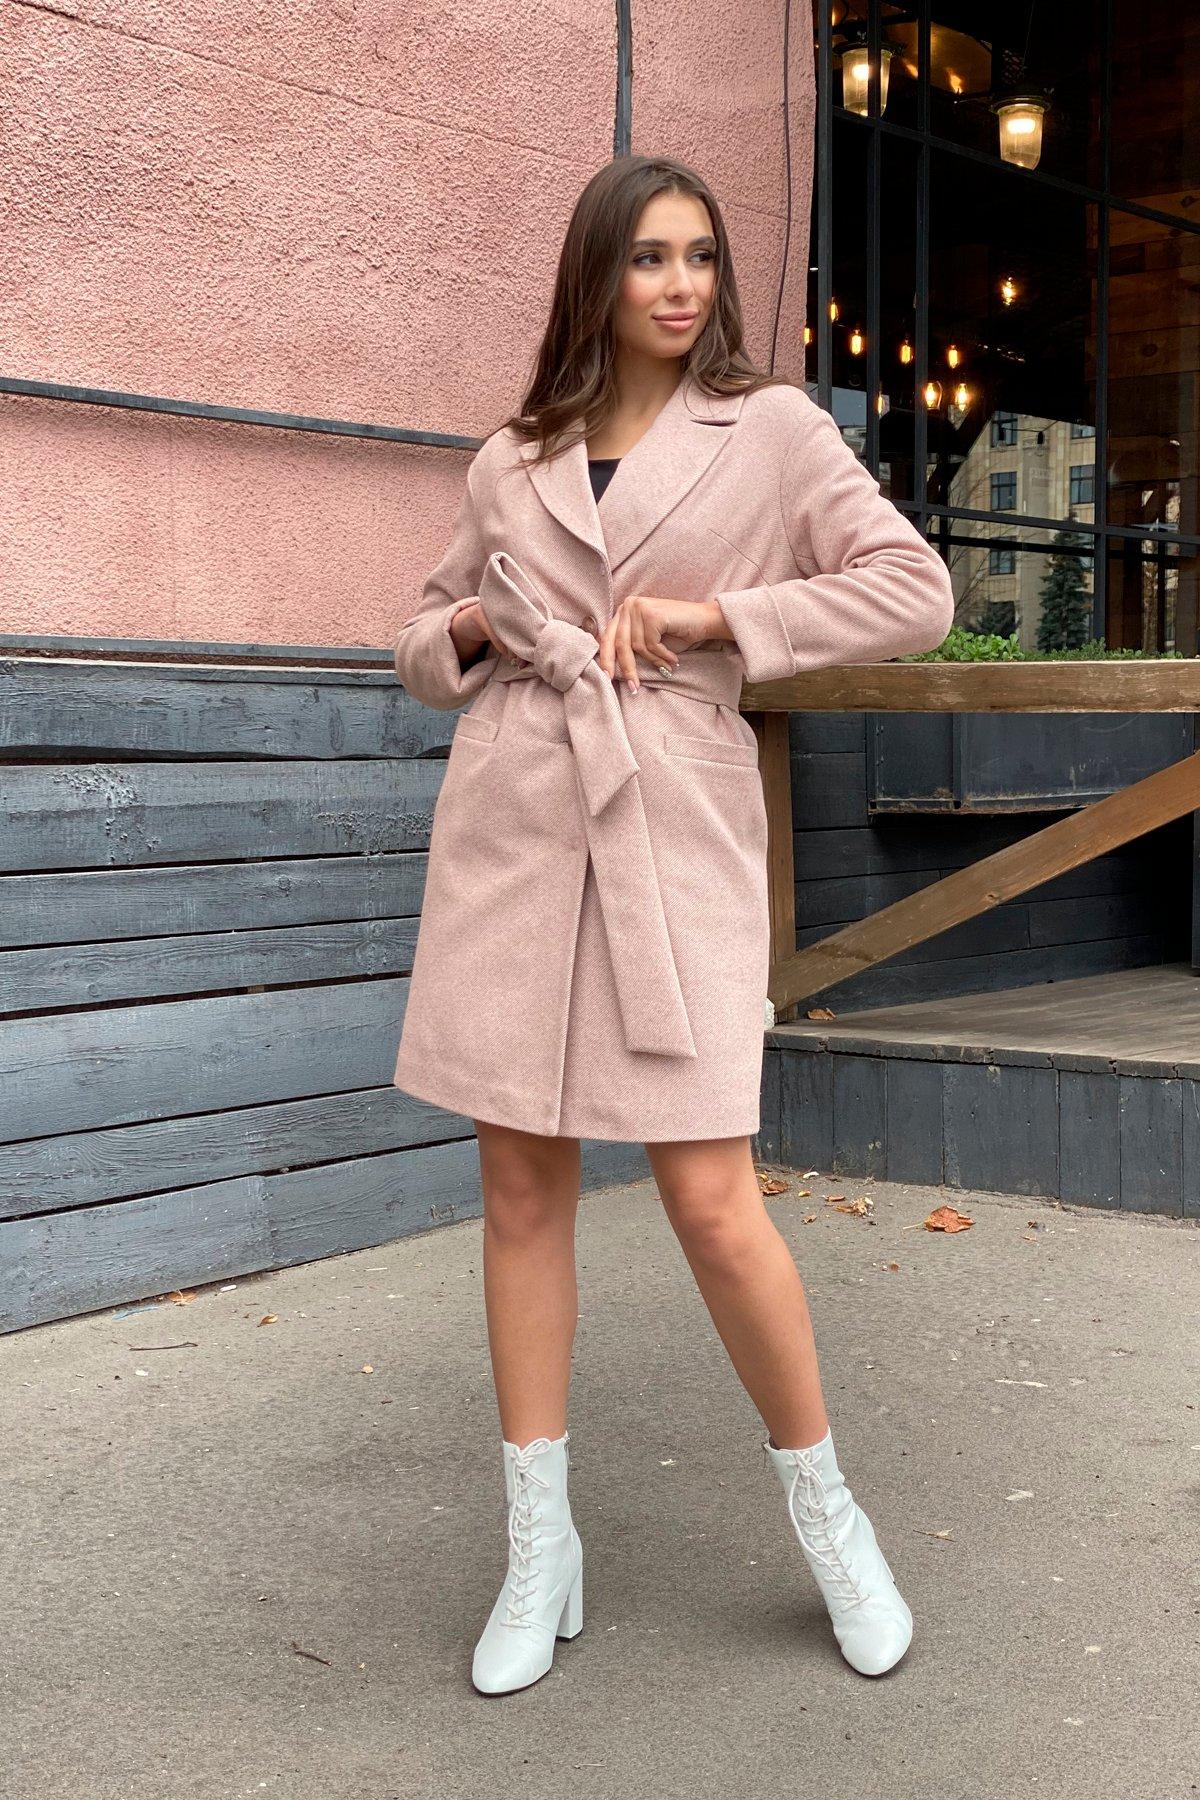 Зимнее утепленное пальто диагональ Вива 8243 АРТ. 44280 Цвет: Бежевый - фото 14, интернет магазин tm-modus.ru